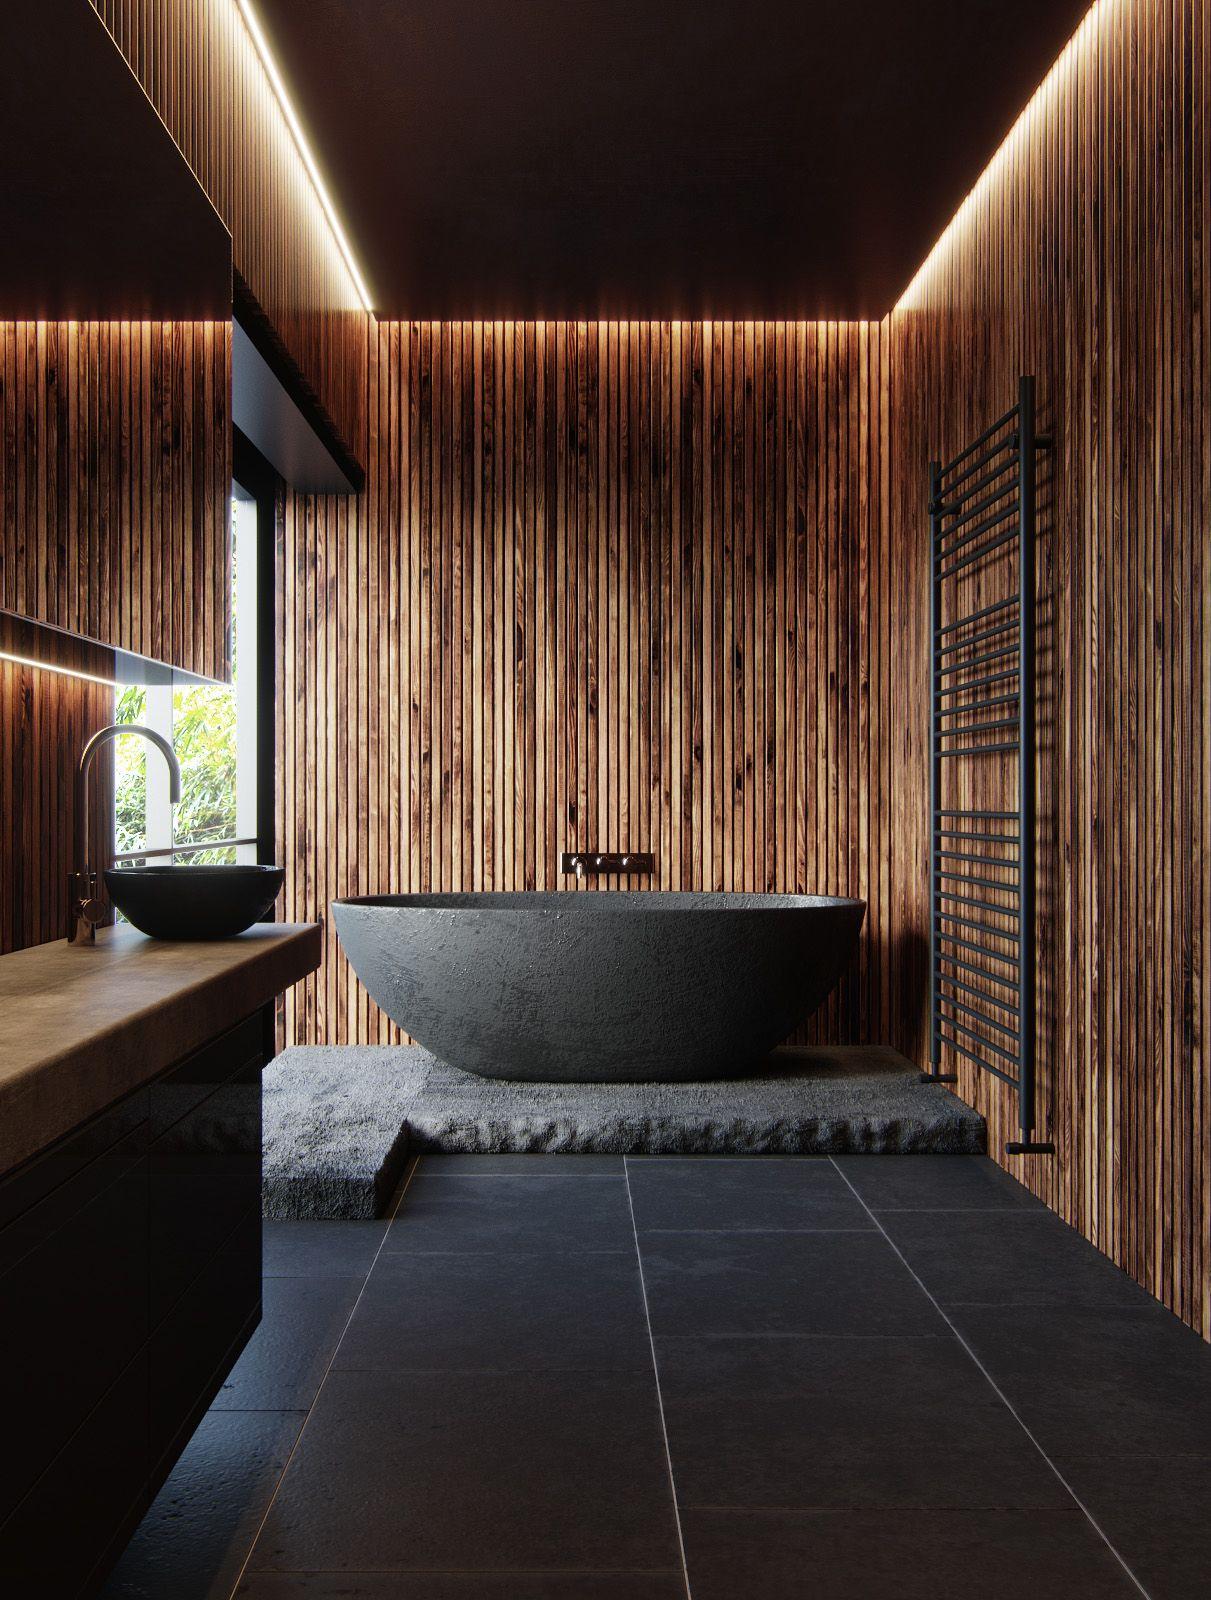 die holz und steinoptik dieses bades wird durch die indirekte beleuchtung sehr sch n betont. Black Bedroom Furniture Sets. Home Design Ideas